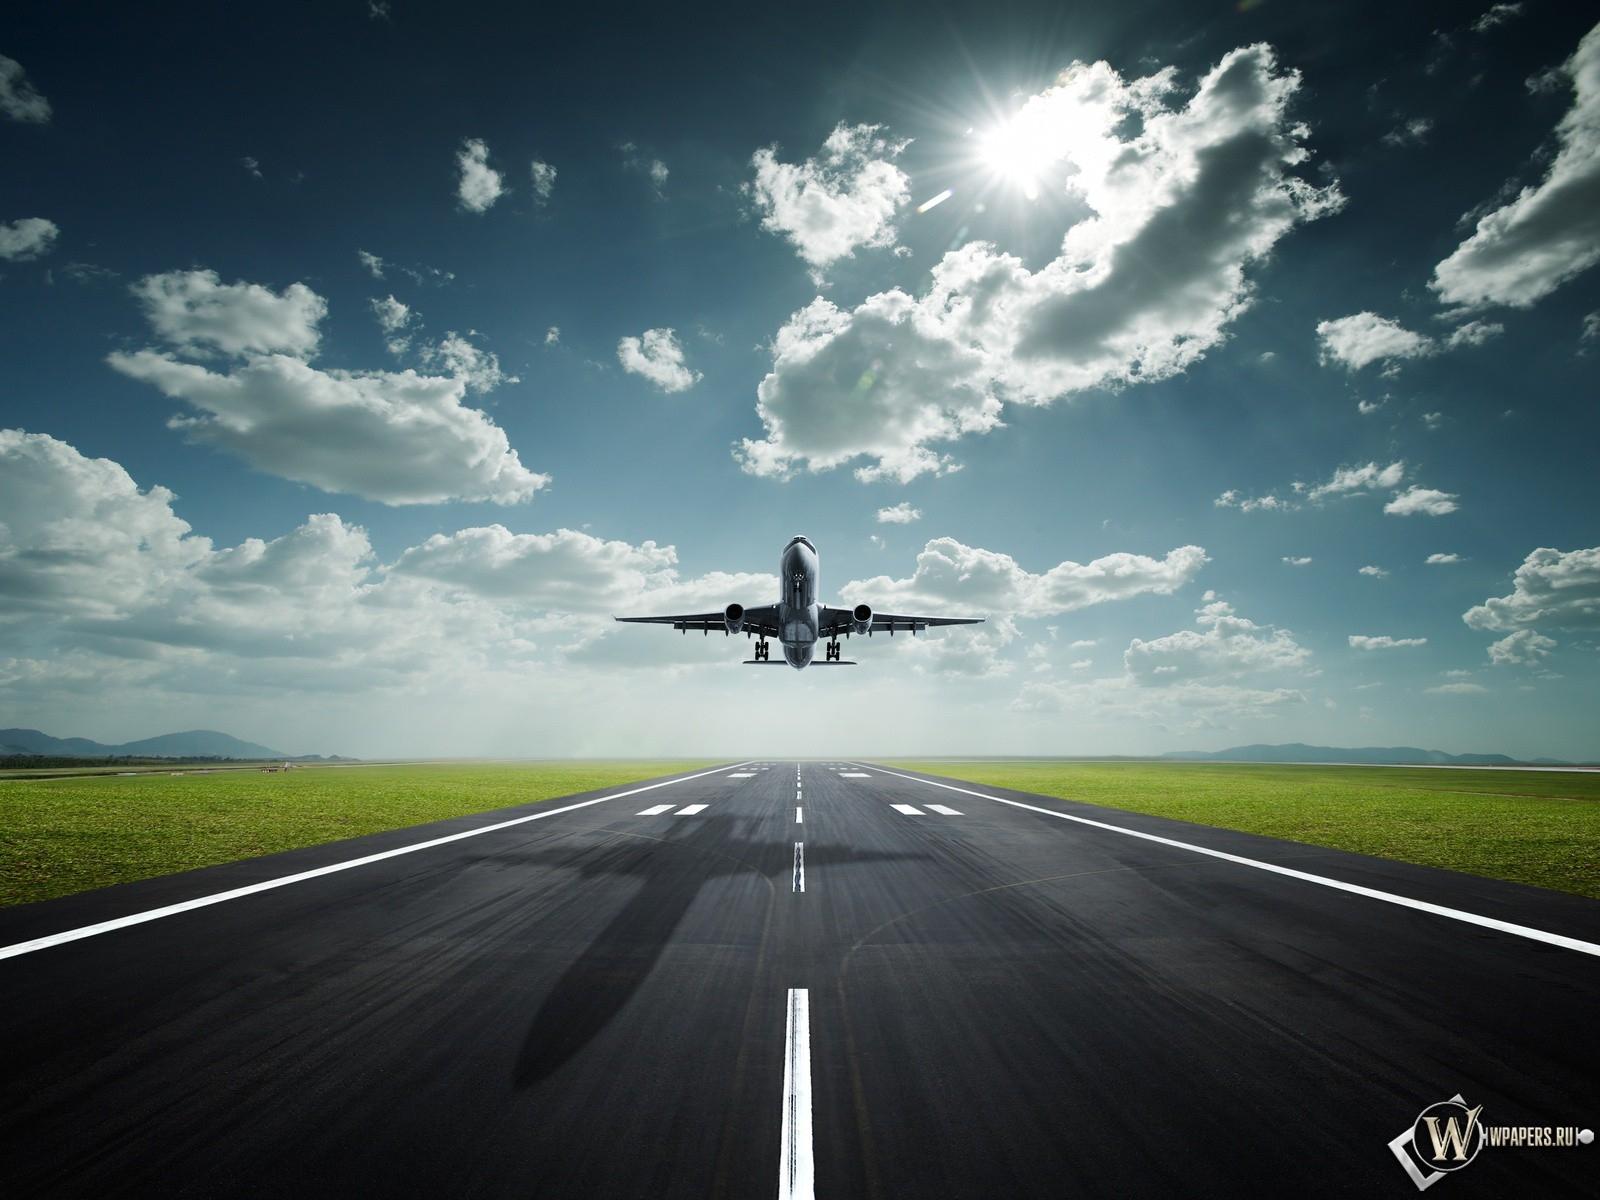 Взлет с аэропорта 1600x1200